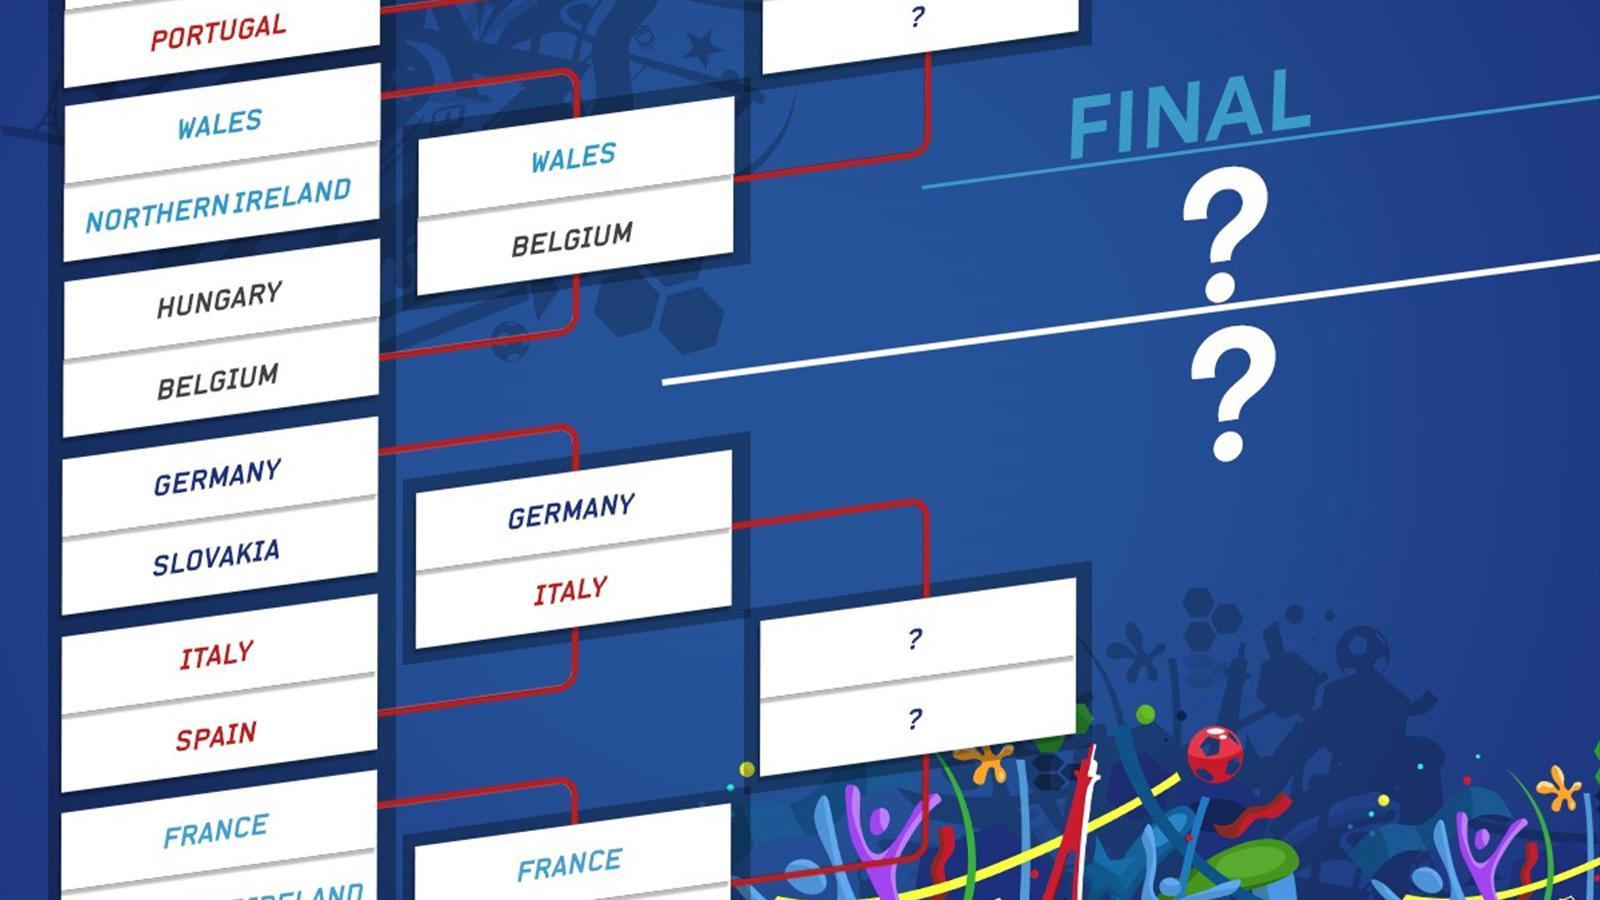 European Pga Tour Results